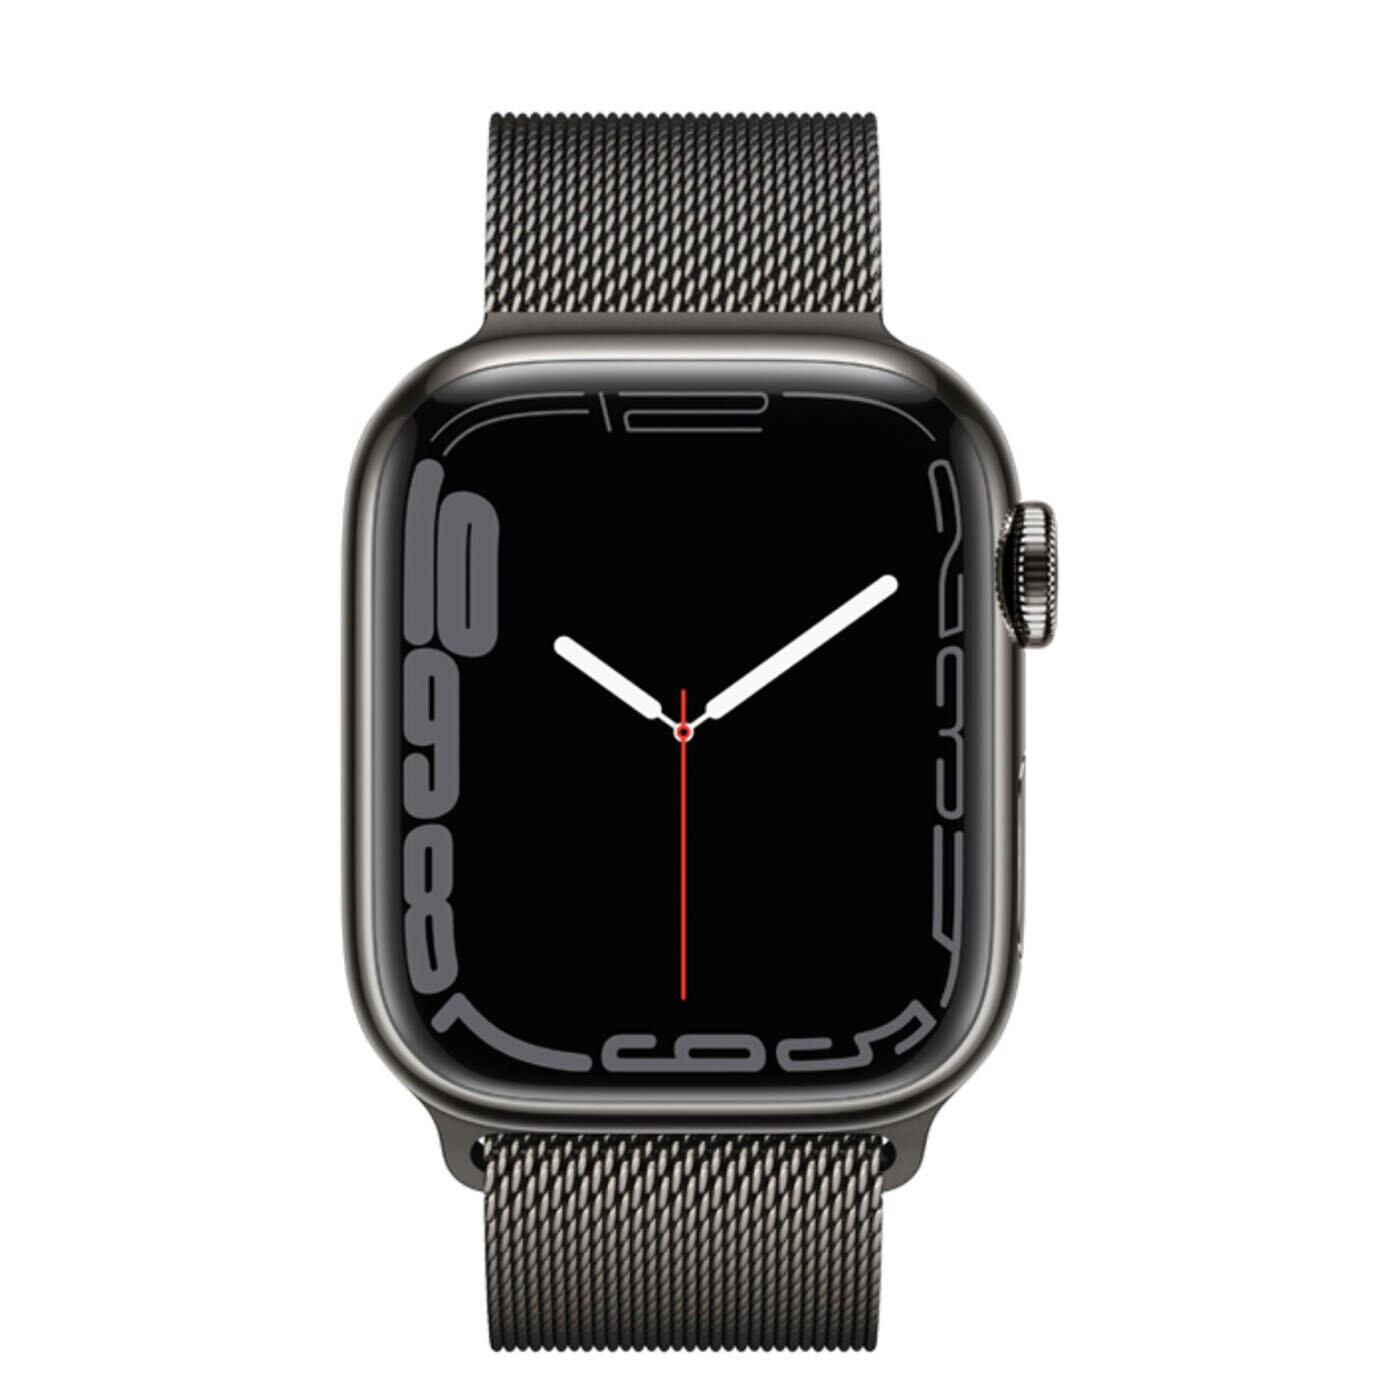 Apple Watch Series 7 Rostfri stålboett med Milaneselänk - Grafit